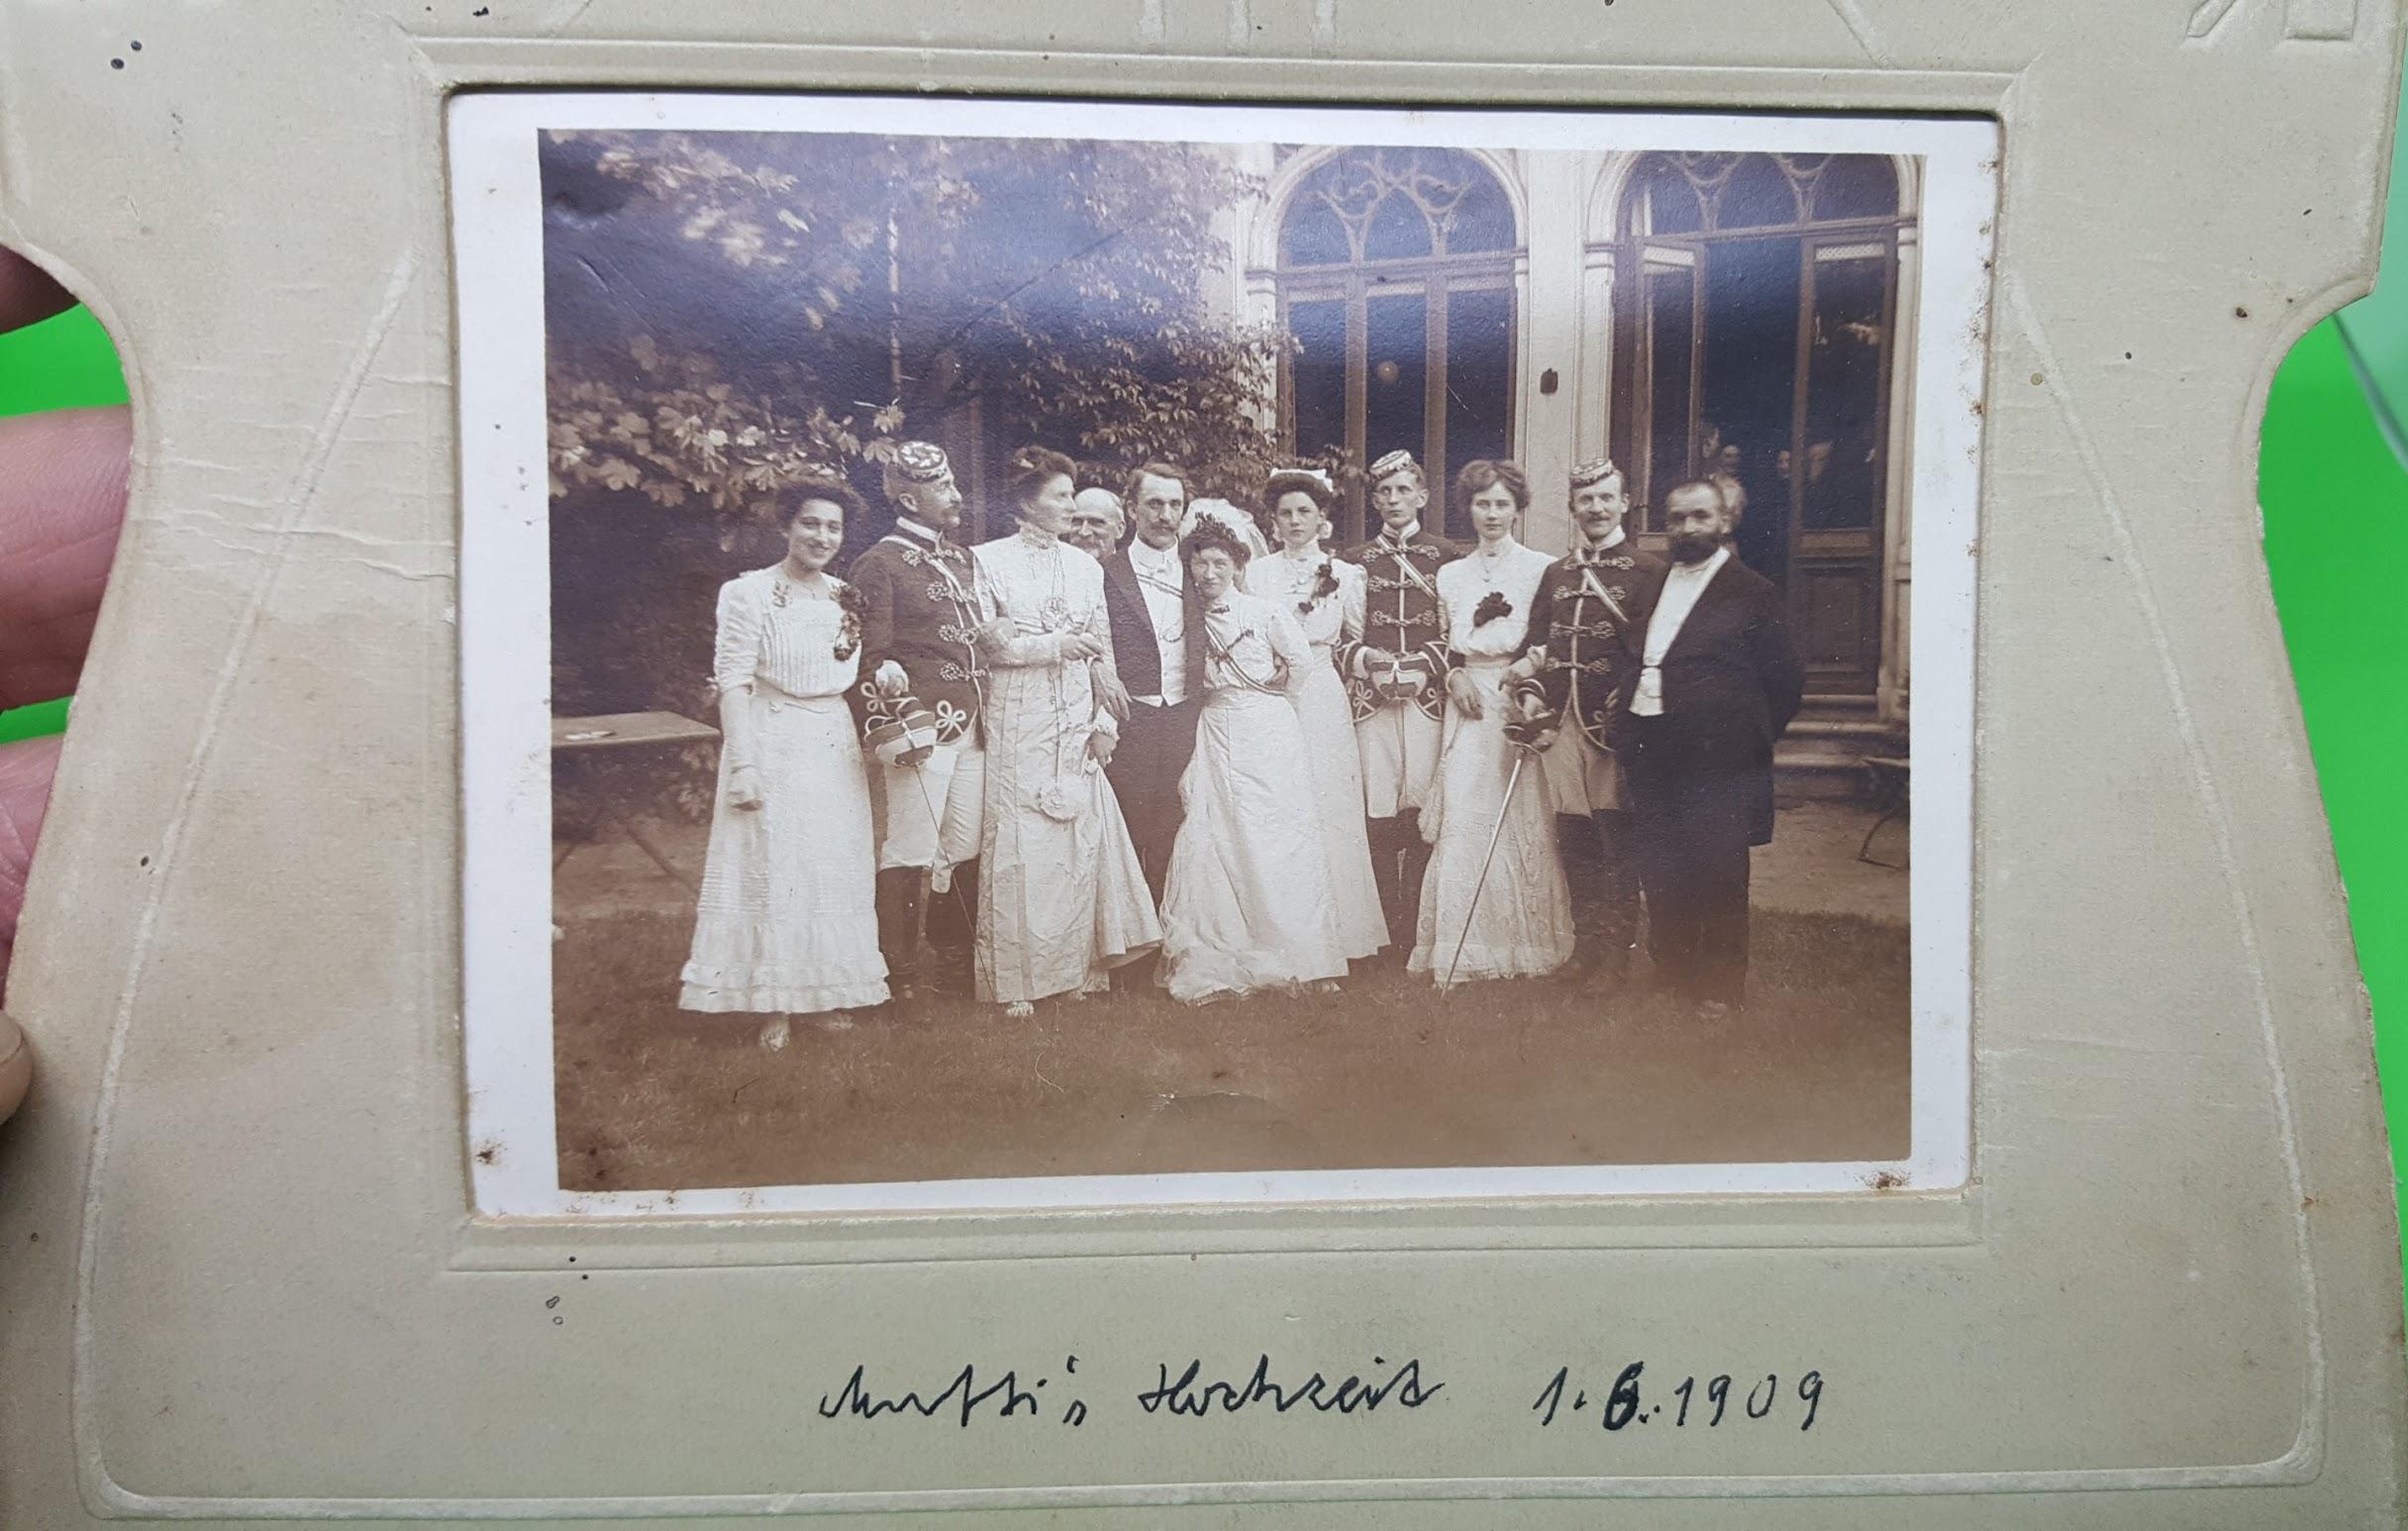 Hochzeit Gustav Lange und Käthe  geb. Hanel, 1.6.1909